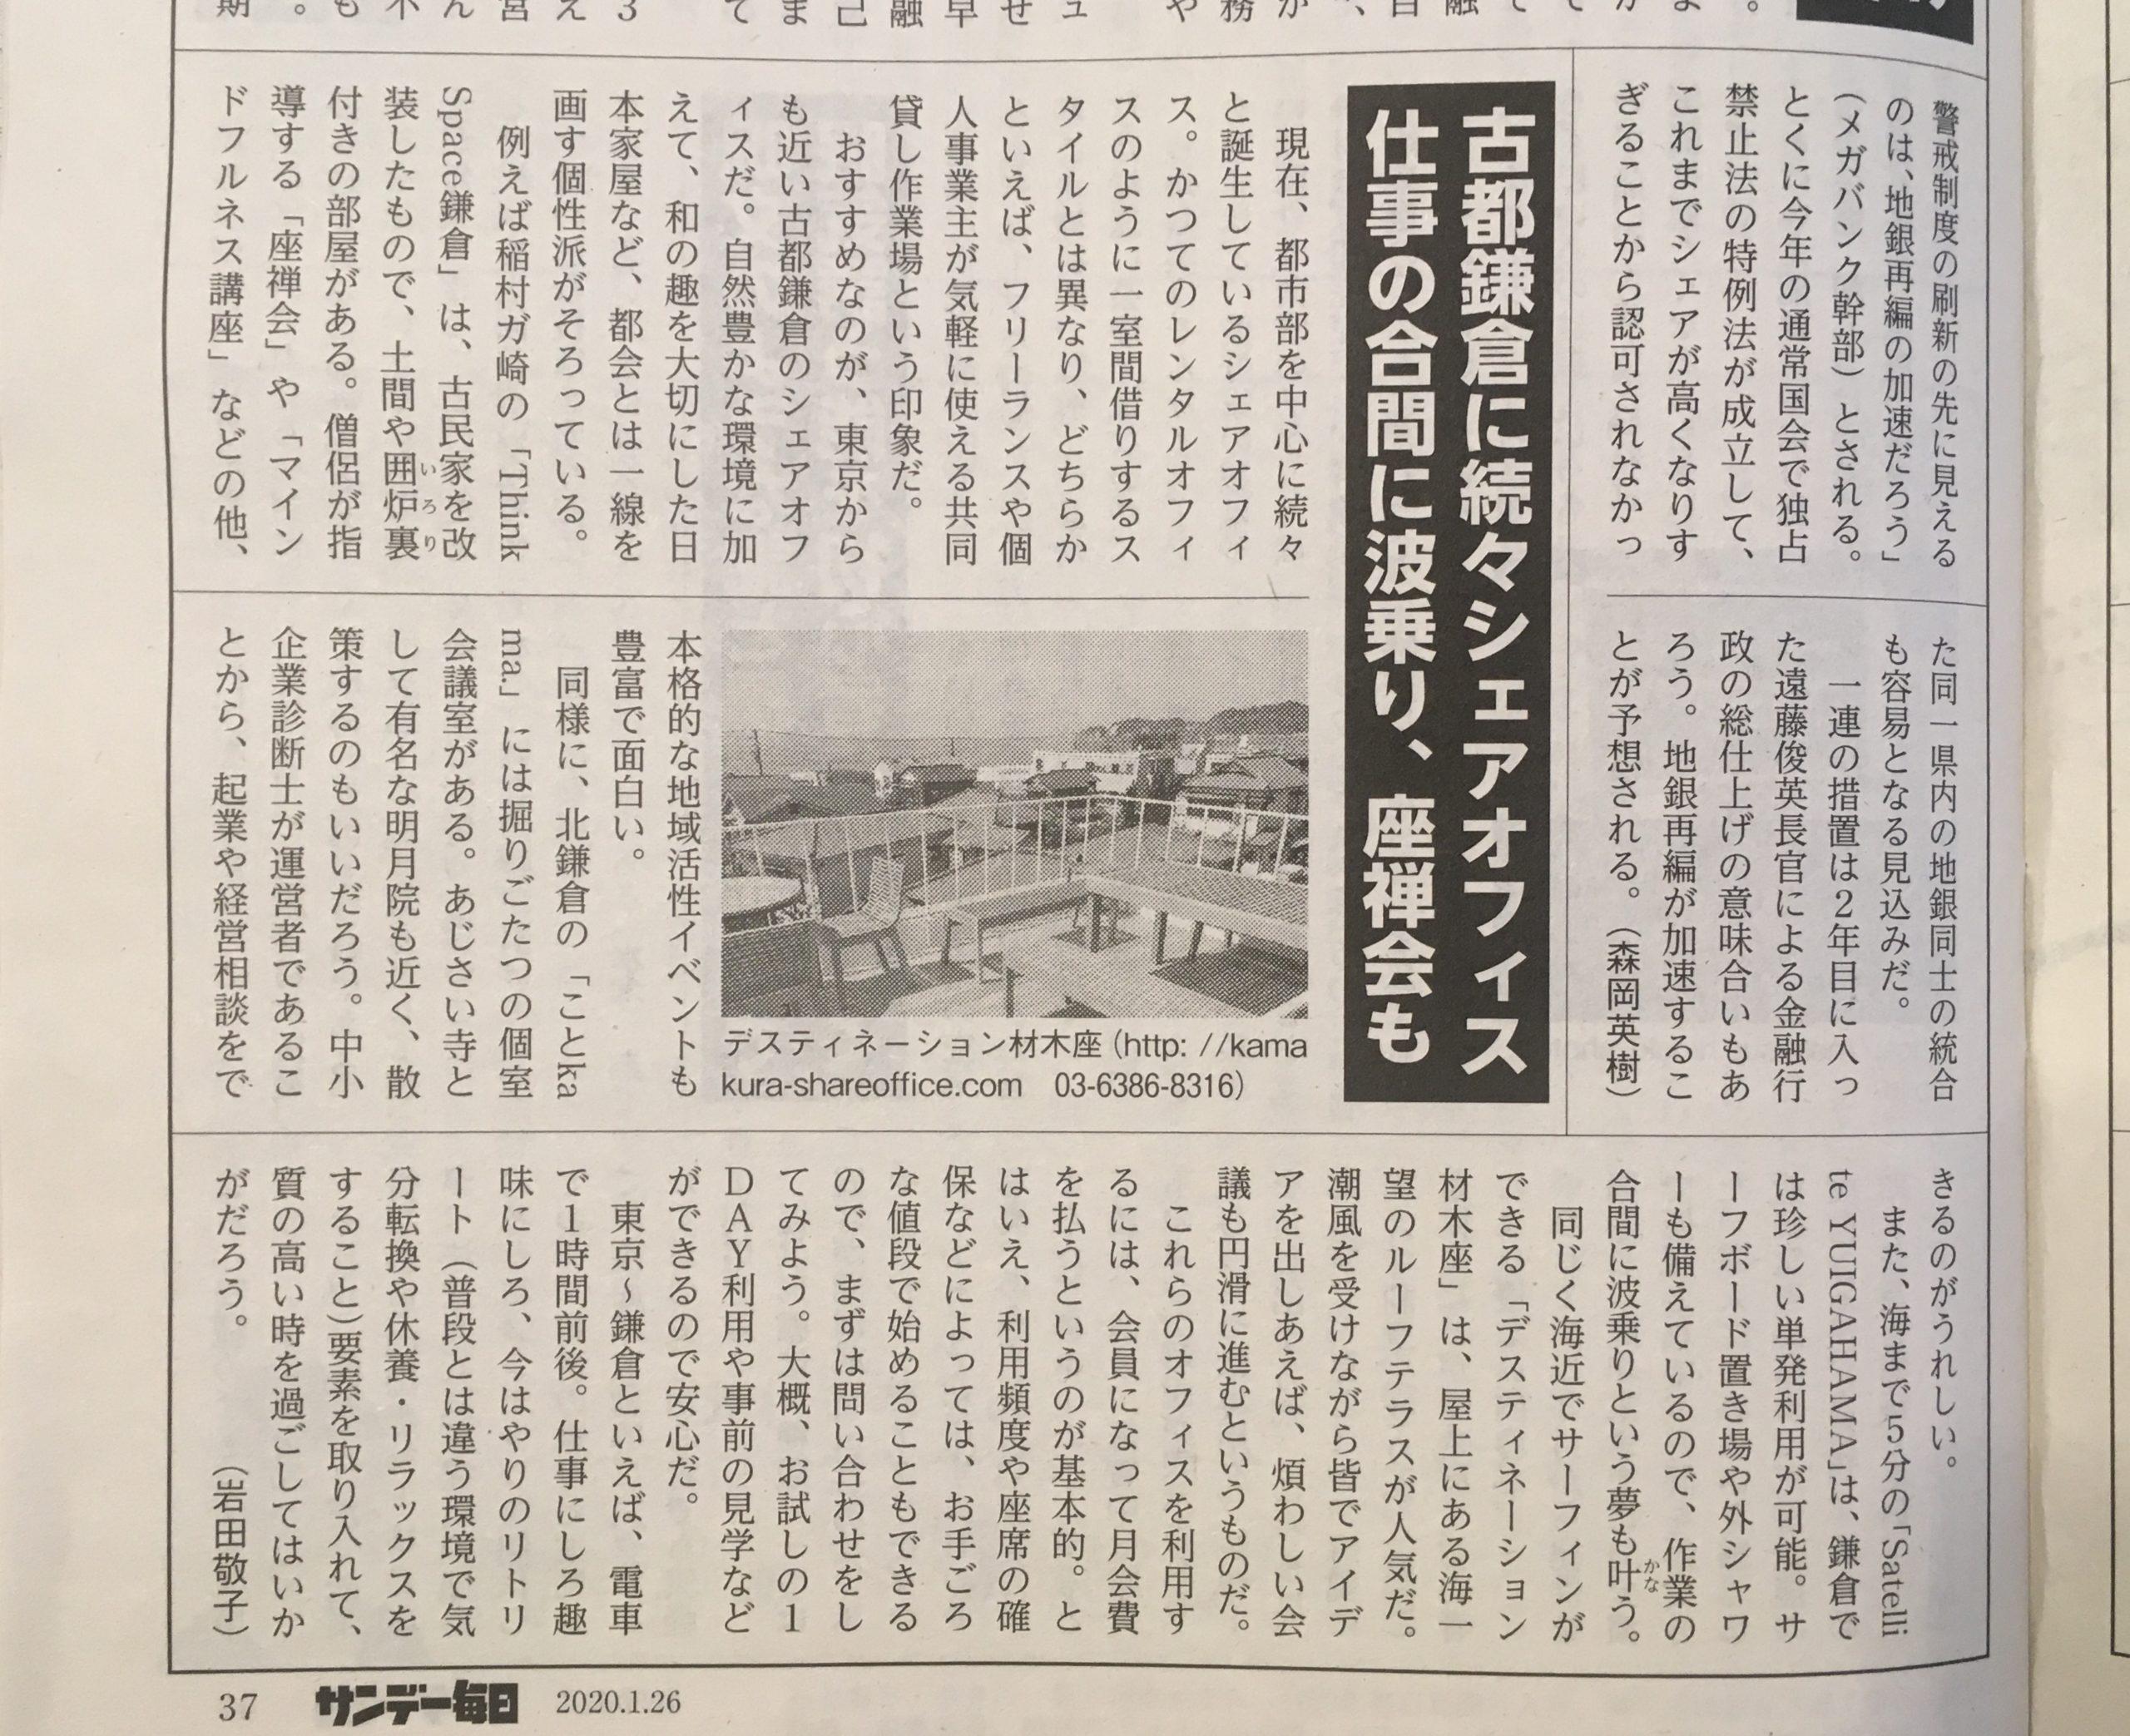 鎌倉のシェアオフィスの記事(サンデー毎日2020.1.26号)